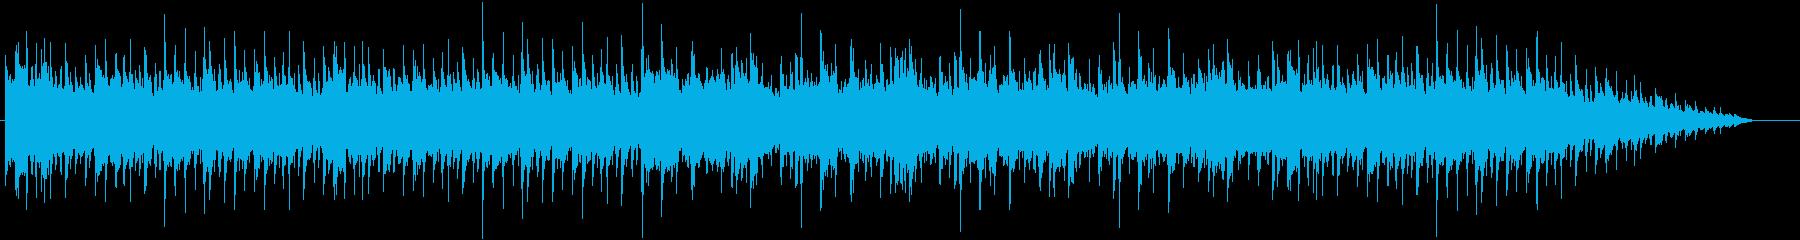 134bpm、E-Maj、16ビートの再生済みの波形